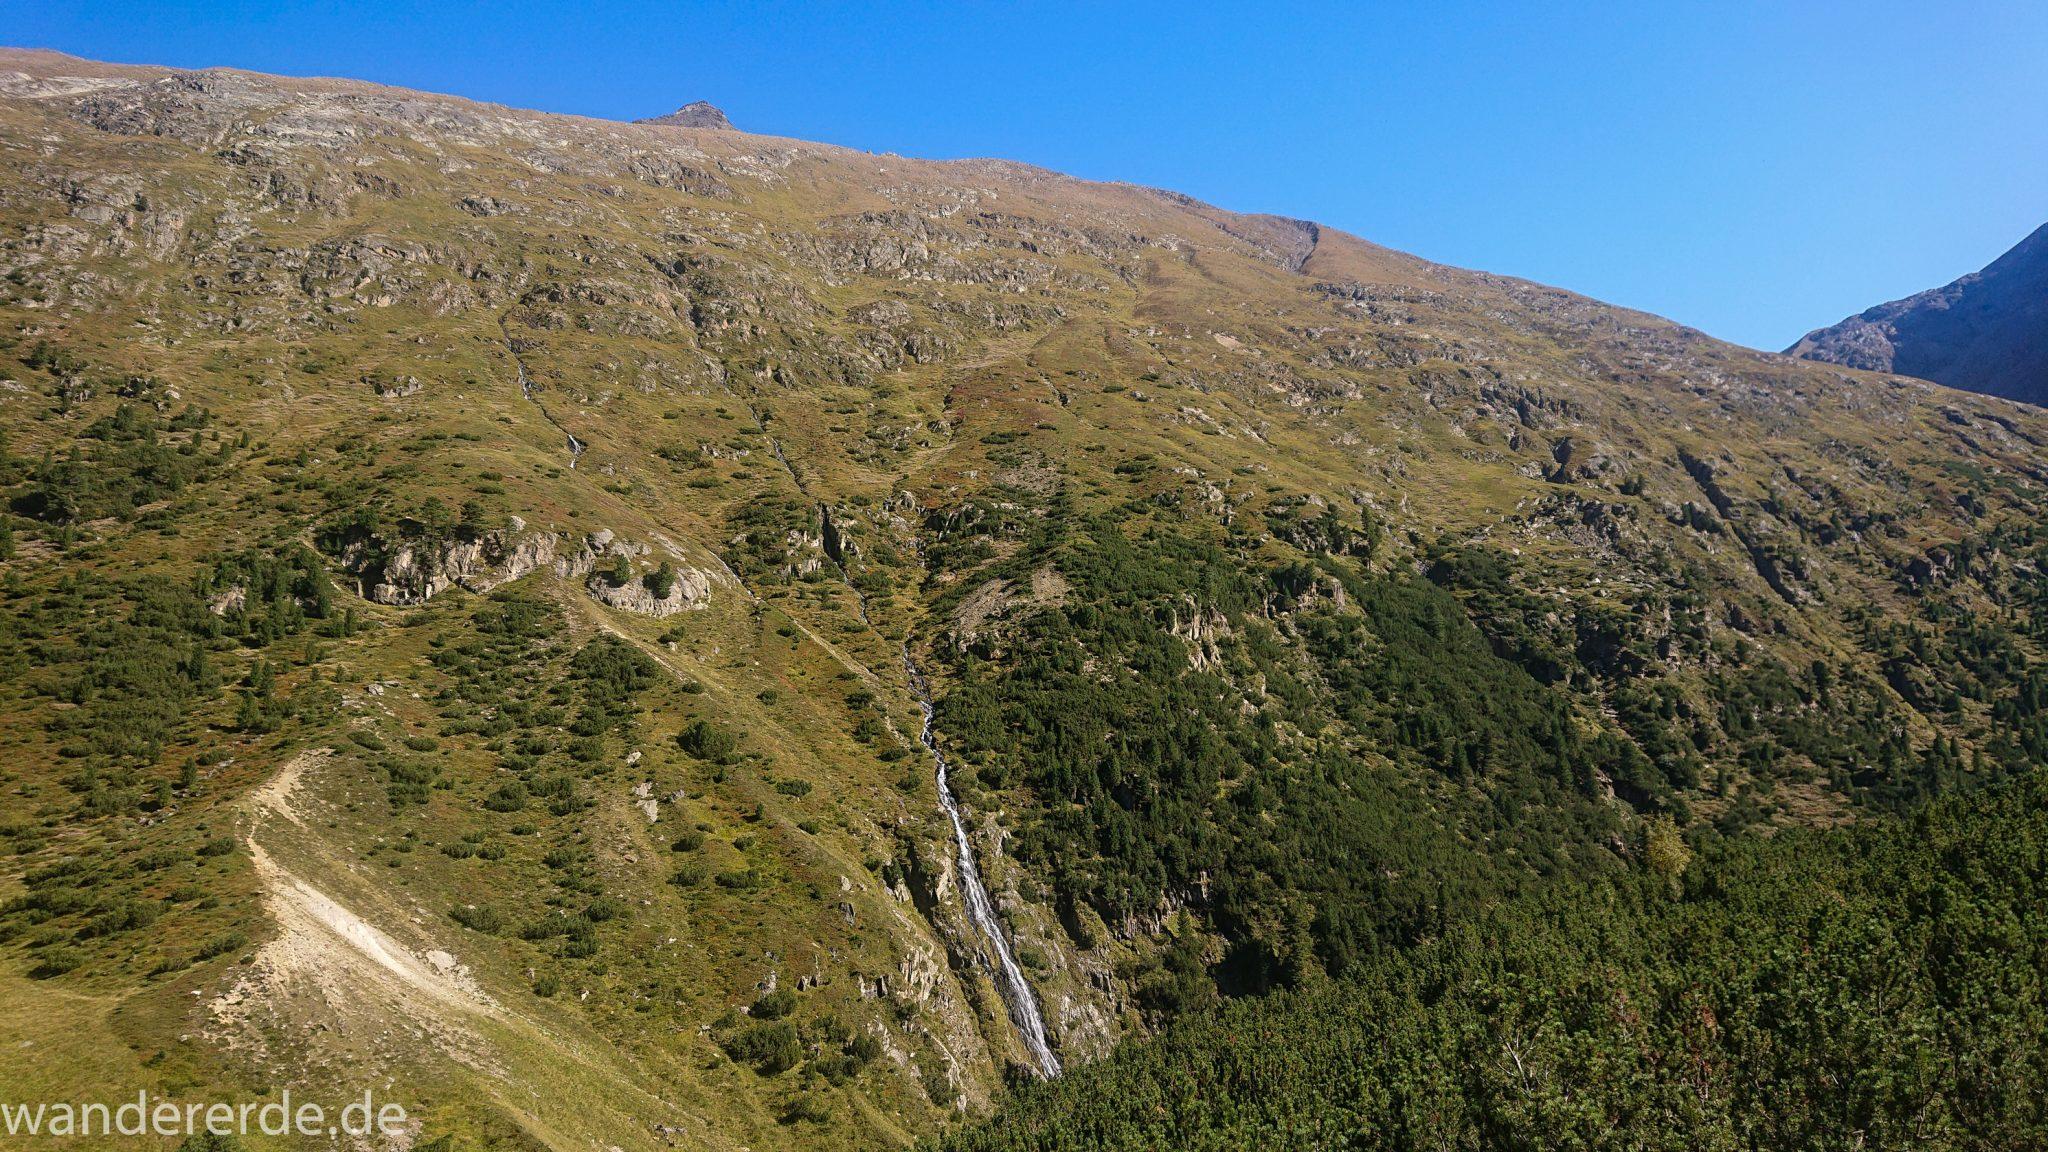 Alpenüberquerung Fernwanderweg E5 Oberstdorf Meran, 5. Etappe von Braunschweiger Hütte zur Martin-Busch-Hütte, nach Wanderung auf dem neuen Panoramaweg nach Vent folgt Anstieg zur Martin-Busch-Hütte, zunächst sehr steile Abkürzung am Lift entlang, Ausblick auf Wasserfall und Berge, herrliches Wetter zum Wandern bei strahlendem Sonnenschein